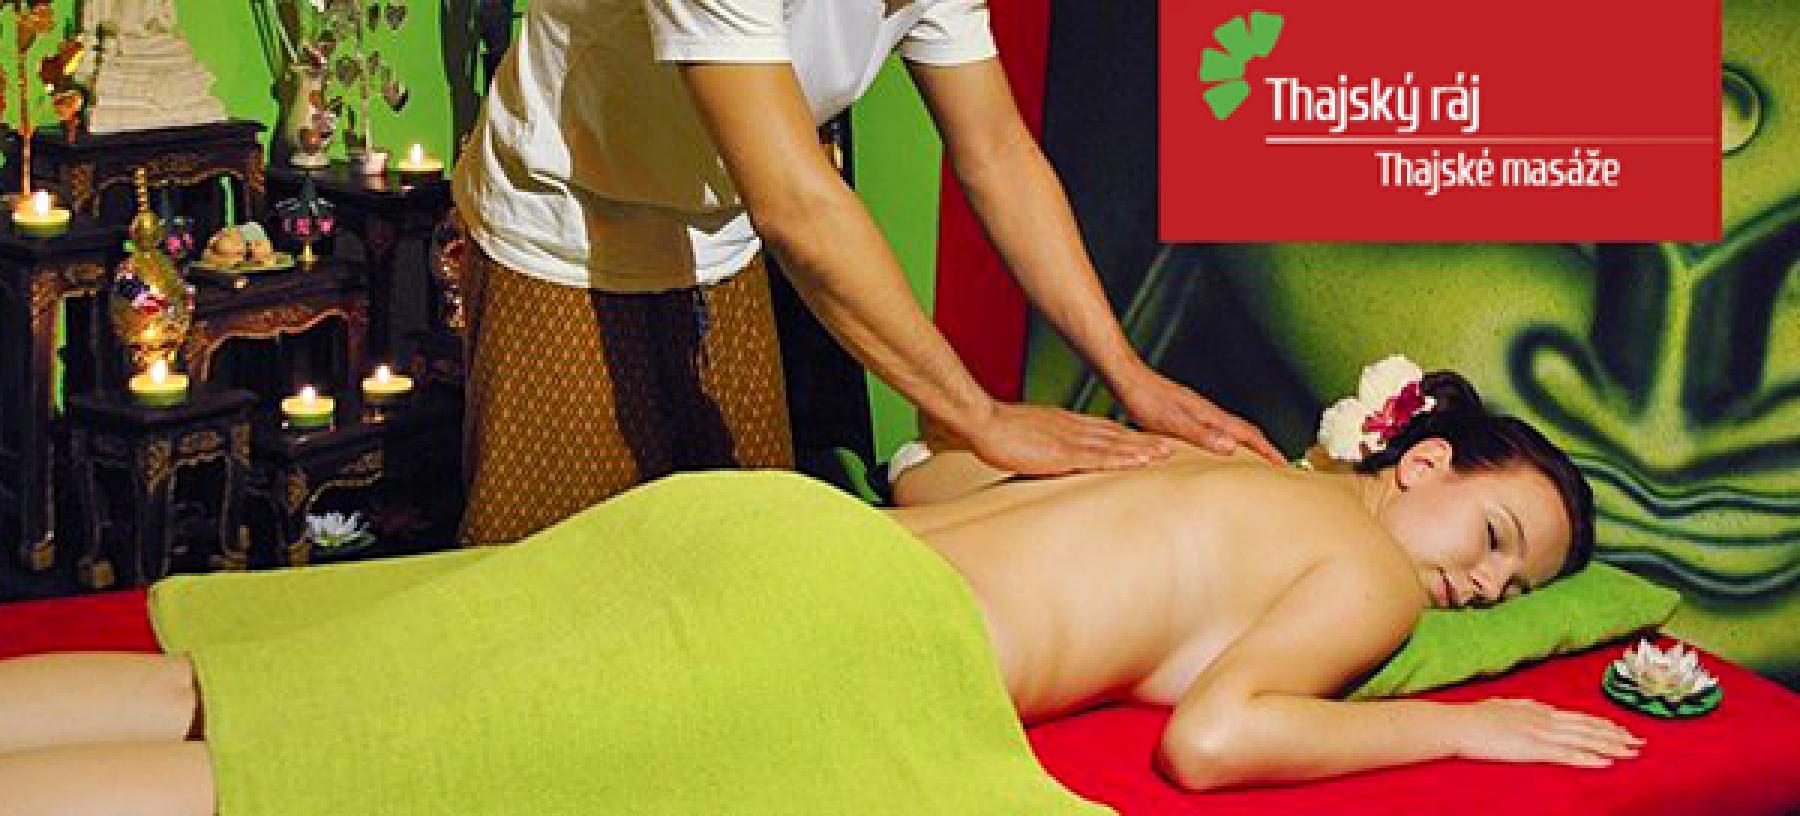 60minutové masáže v Thajském ráji + Garra Rufa